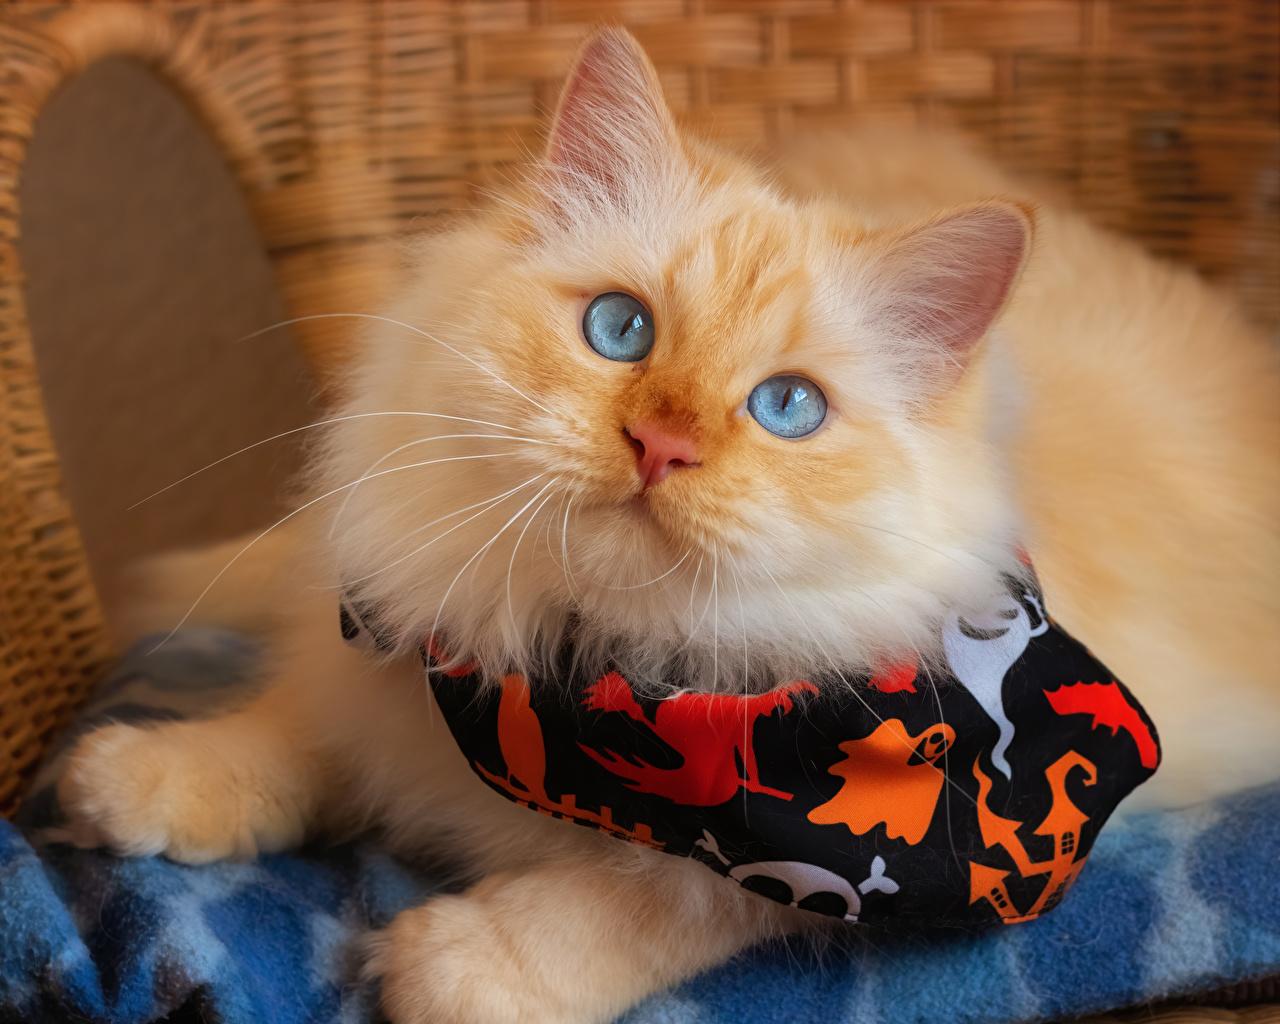 Картинка коты смотрят Животные кот кошка Кошки Взгляд смотрит животное